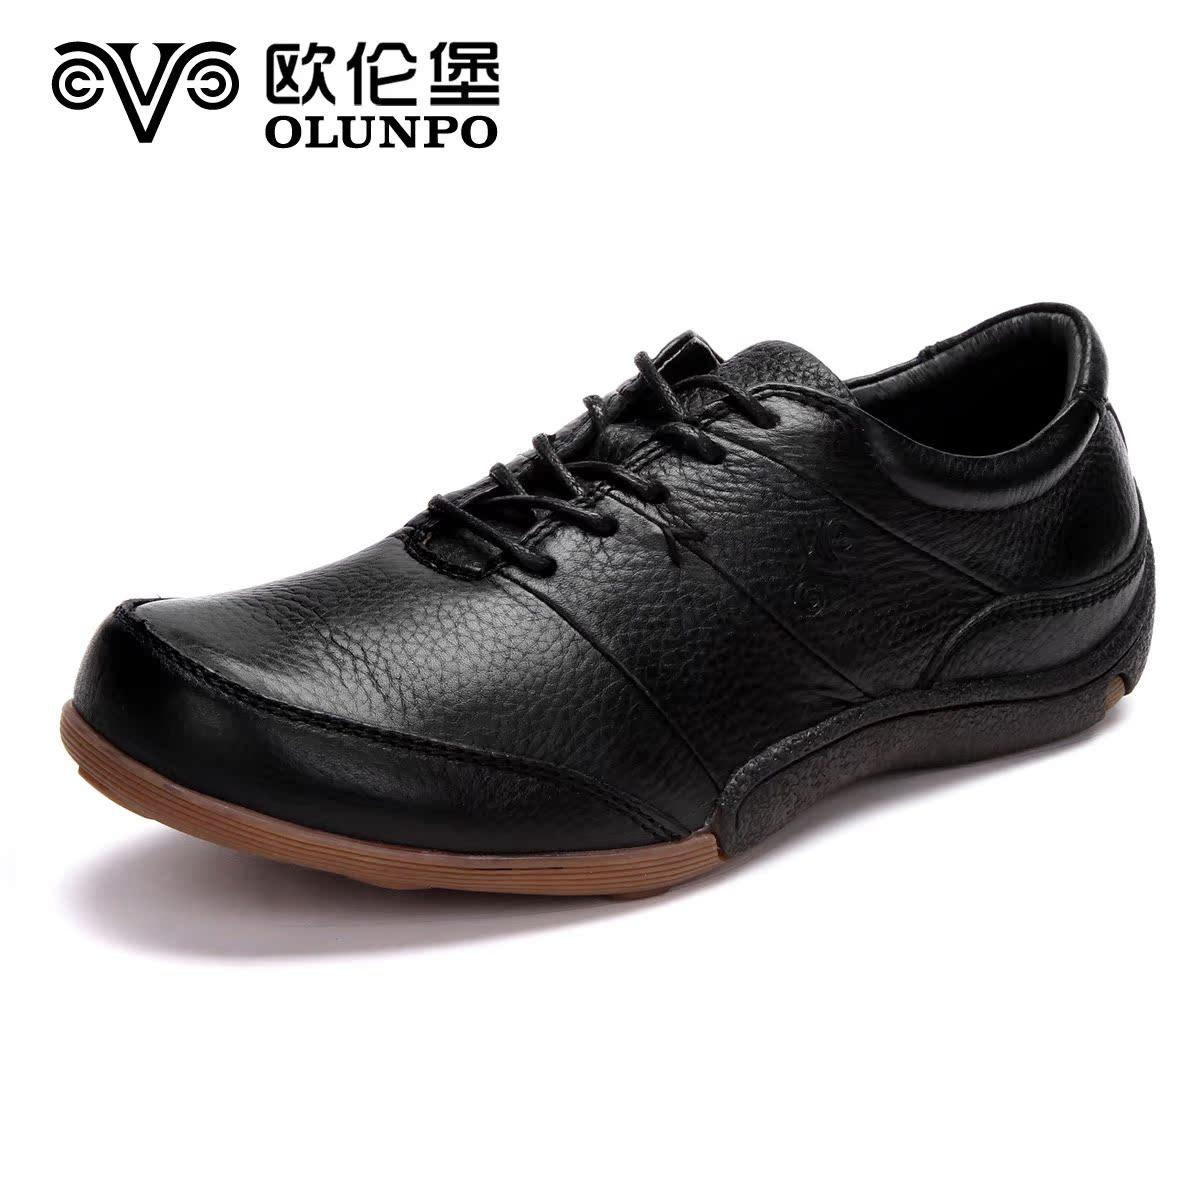 Демисезонные ботинки Olunpo m04141 Обувь на тонкой подошве ( для скейтборда ) Для отдыха Верхний слой из натуральной кожи Круглый носок Шнурок Весна и осень